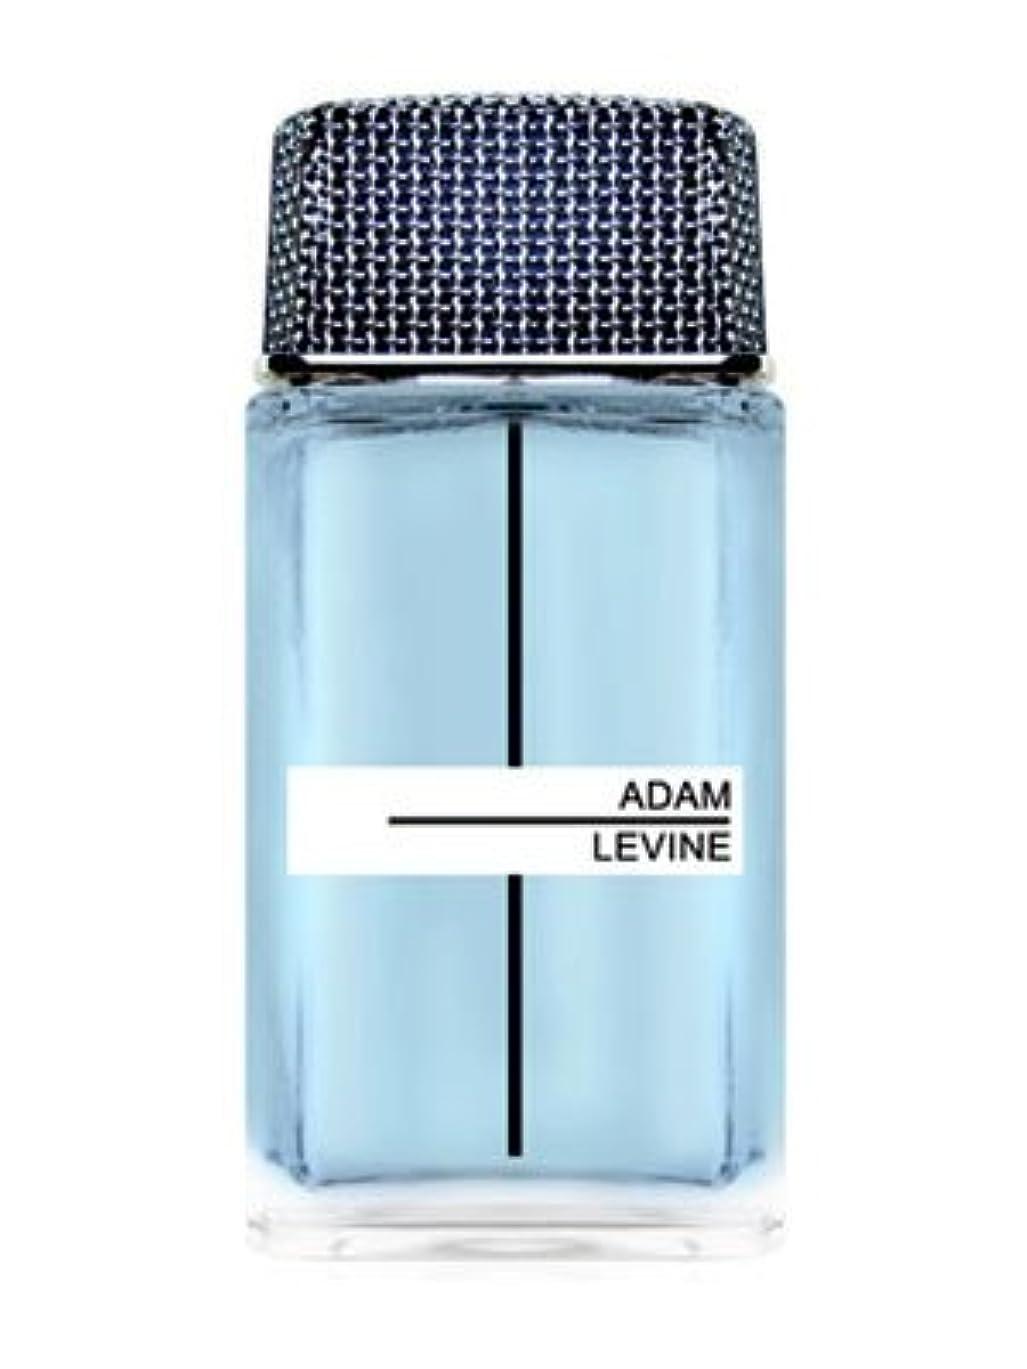 ビリーヤギ平行ヘリコプターAdam Levine (アダム レヴィーン) 3.4 oz (100ml) EDT Spray (テスター/箱なし?キャップなし) for Men